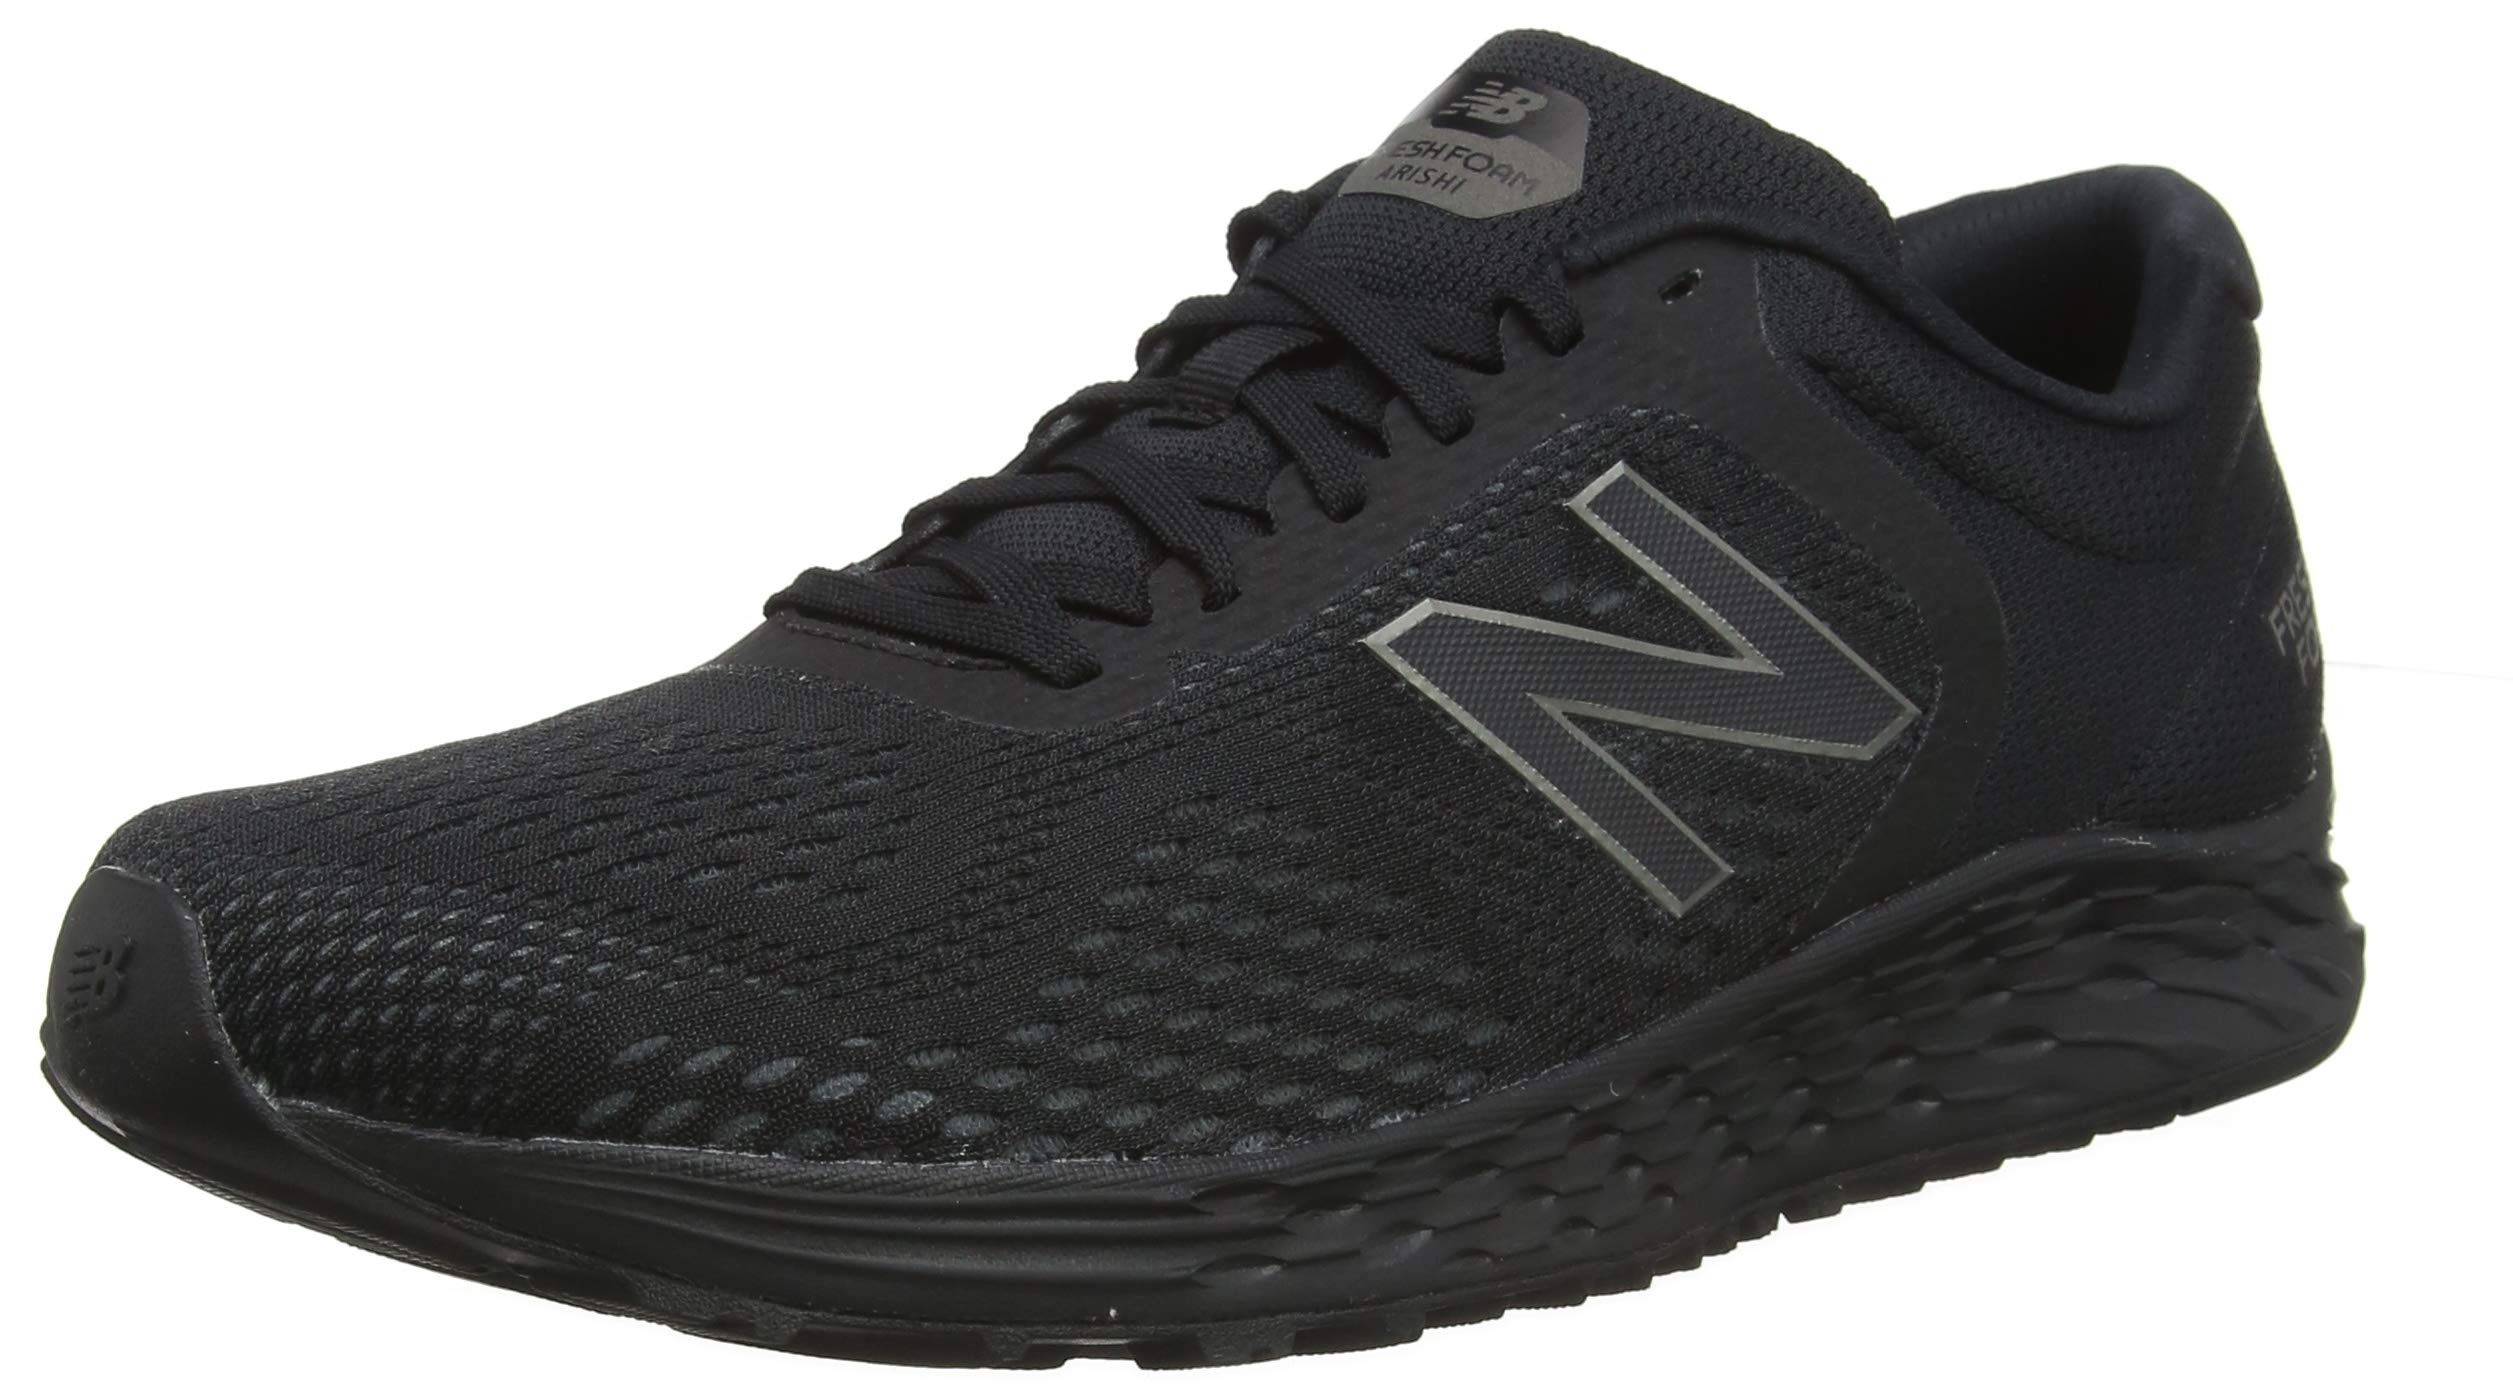 New Balance Men's Arishi V2 Fresh Foam Running Shoe, Black, 8.5 D US